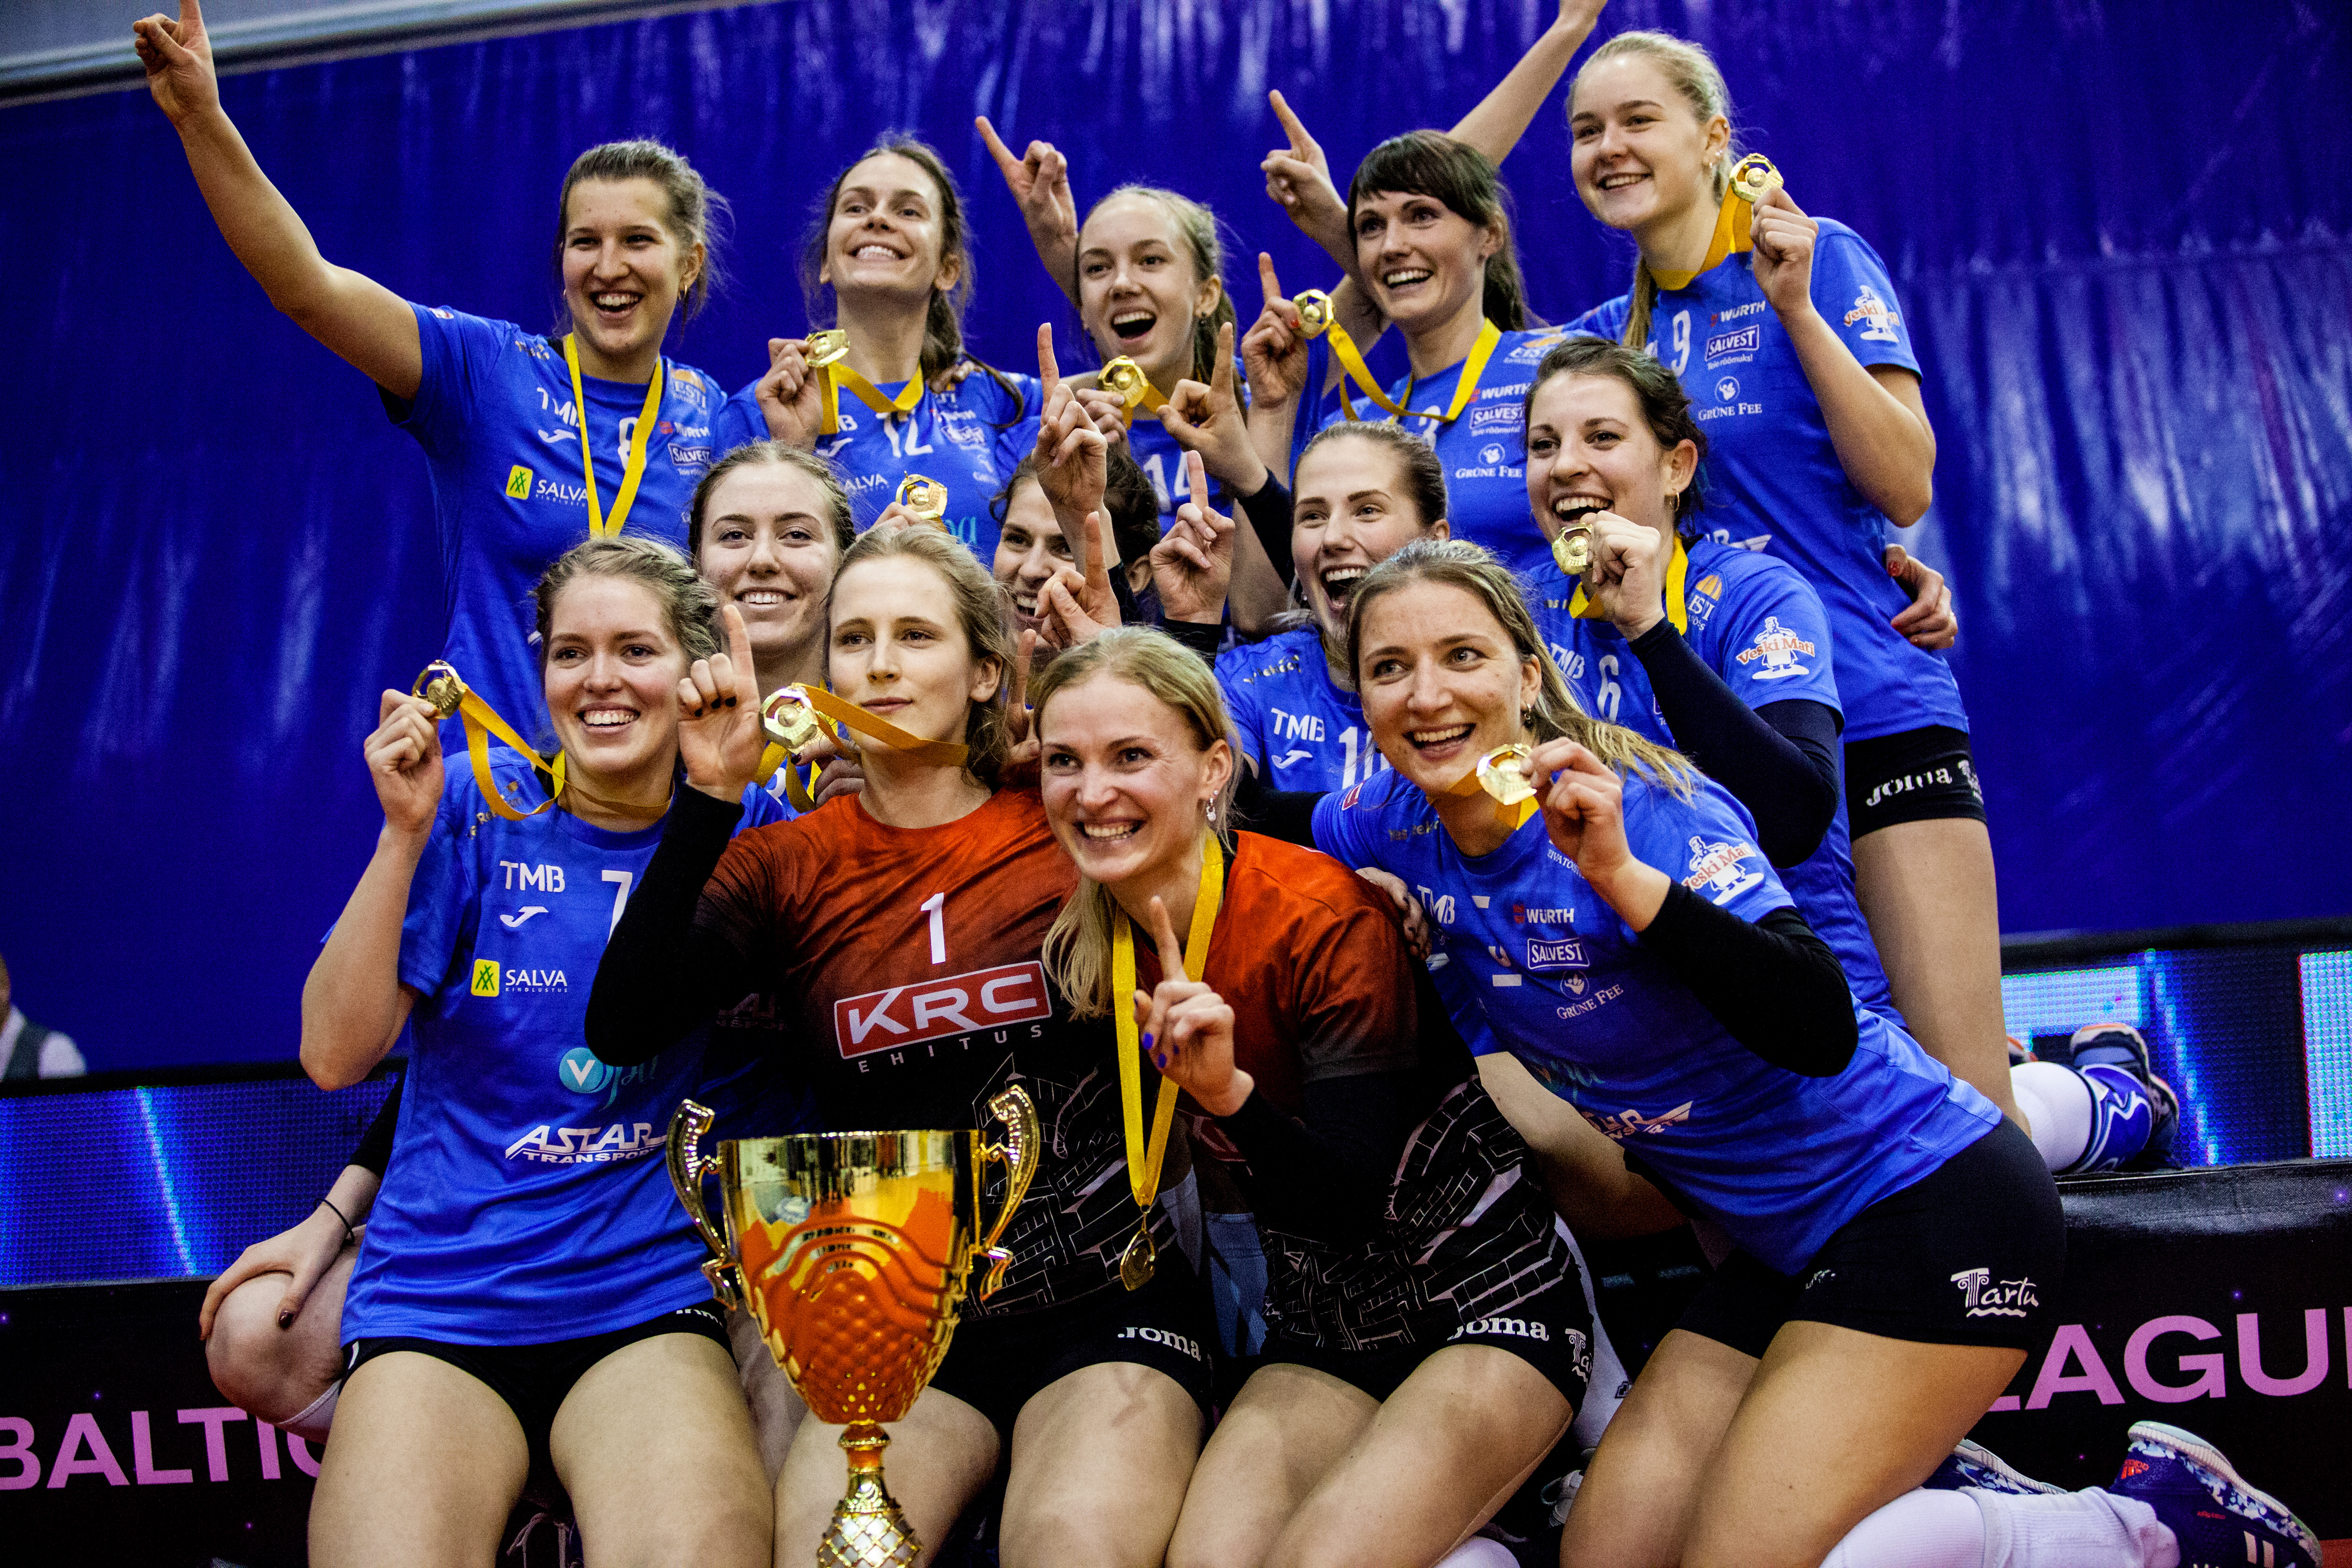 TÜ/Eeden on Baltikumi Meister 2018!